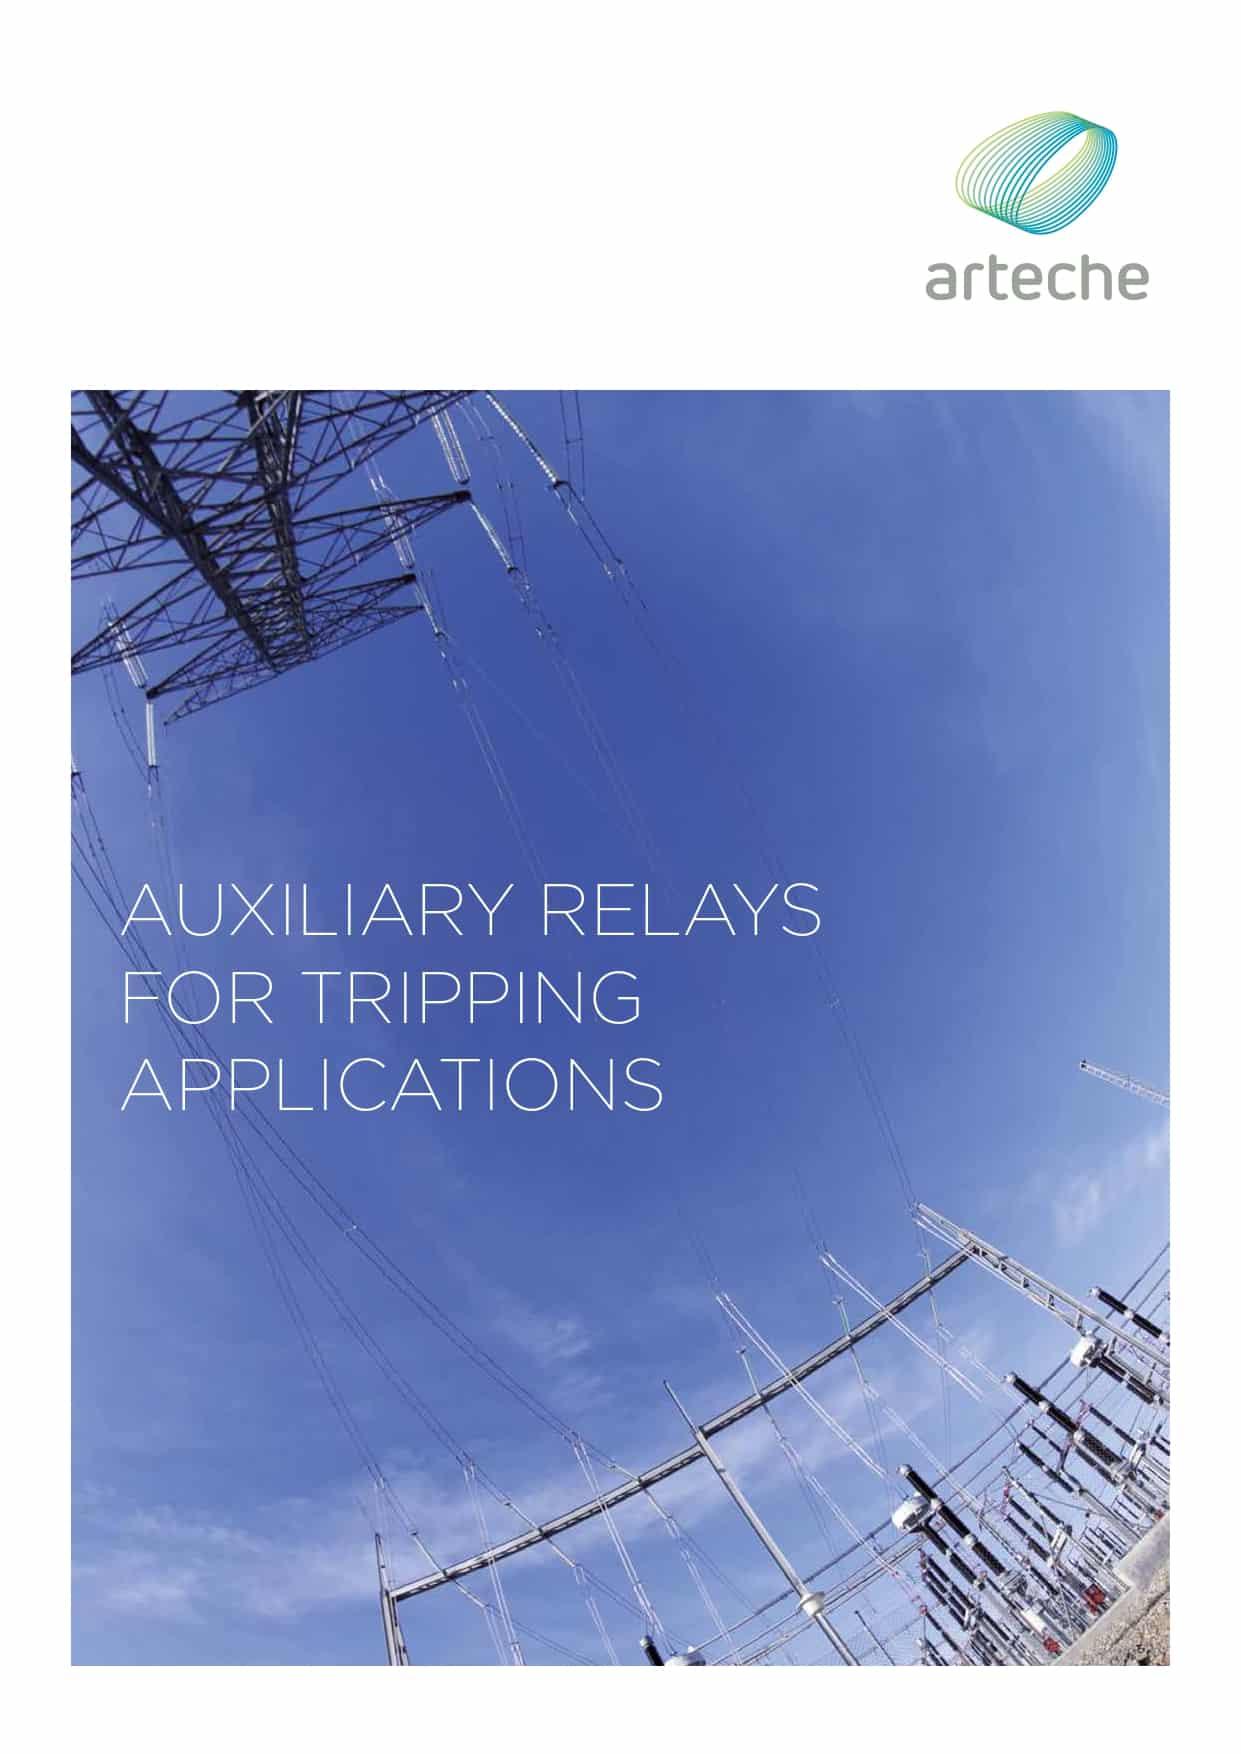 ARTECHE CT TRIPPING RELAYS EN